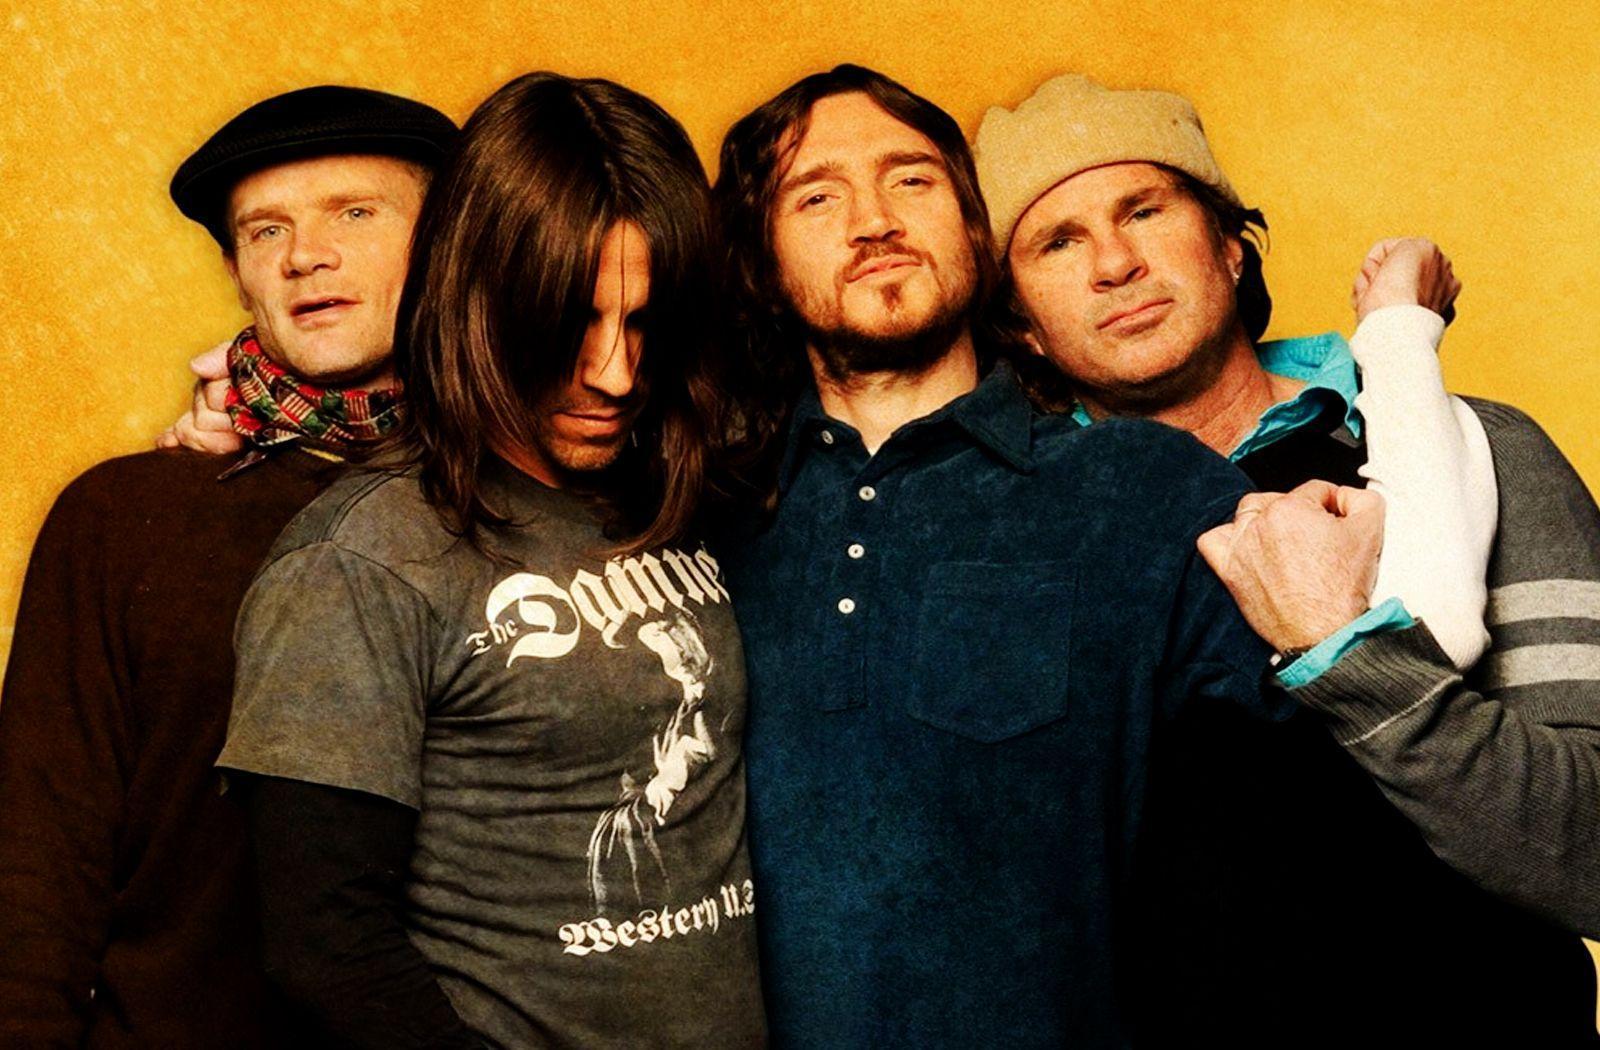 Lagu dari red hot chili peppers yang. Red Hot Chili Peppers Wallpapers - Wallpaper Cave